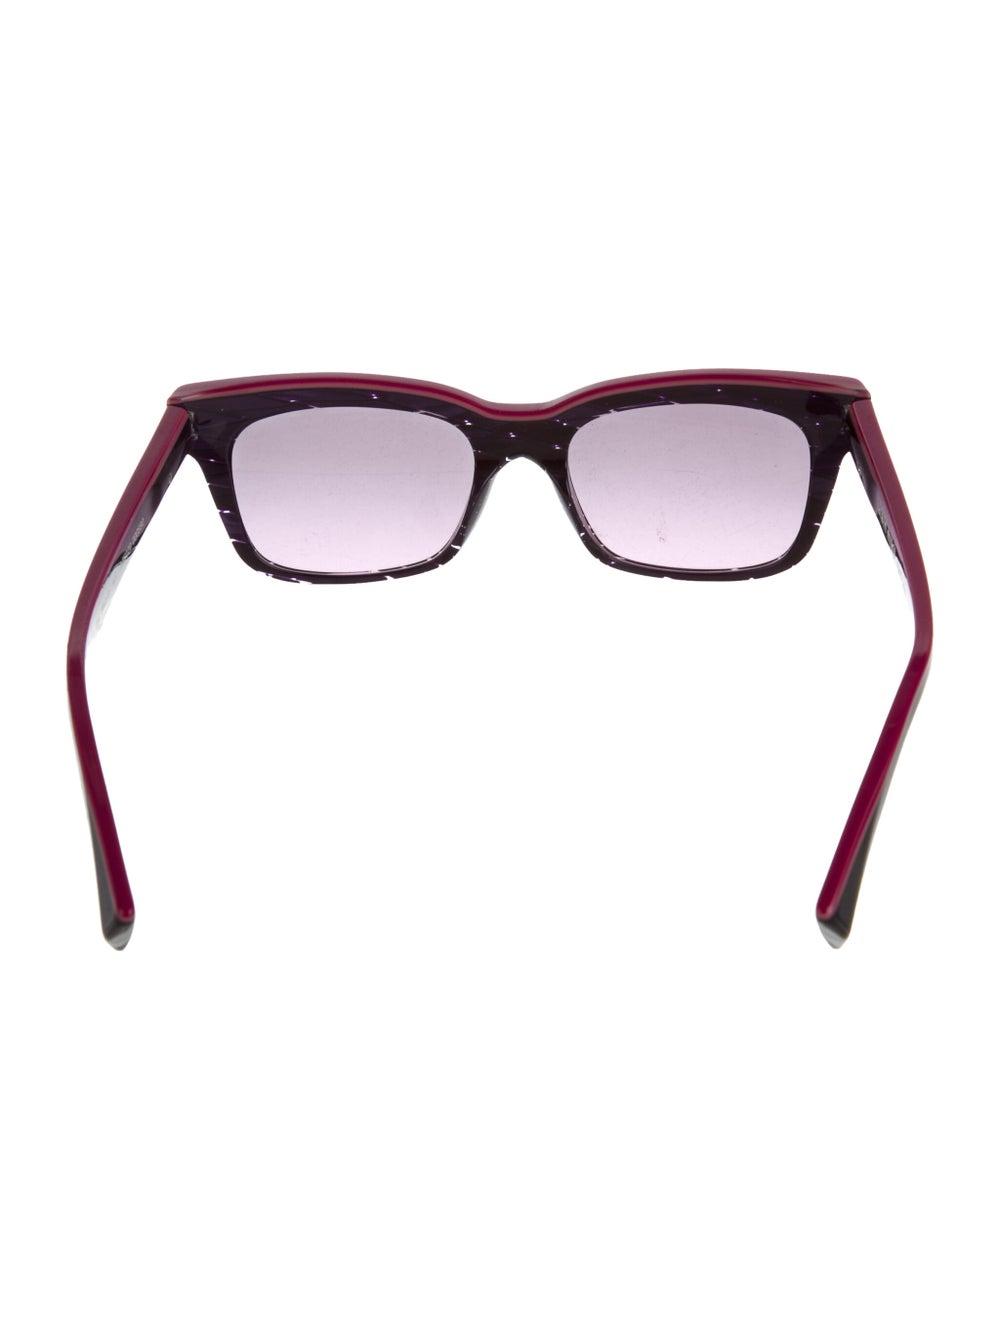 Alain Mikli Square Tinted Sunglasses Purple - image 3